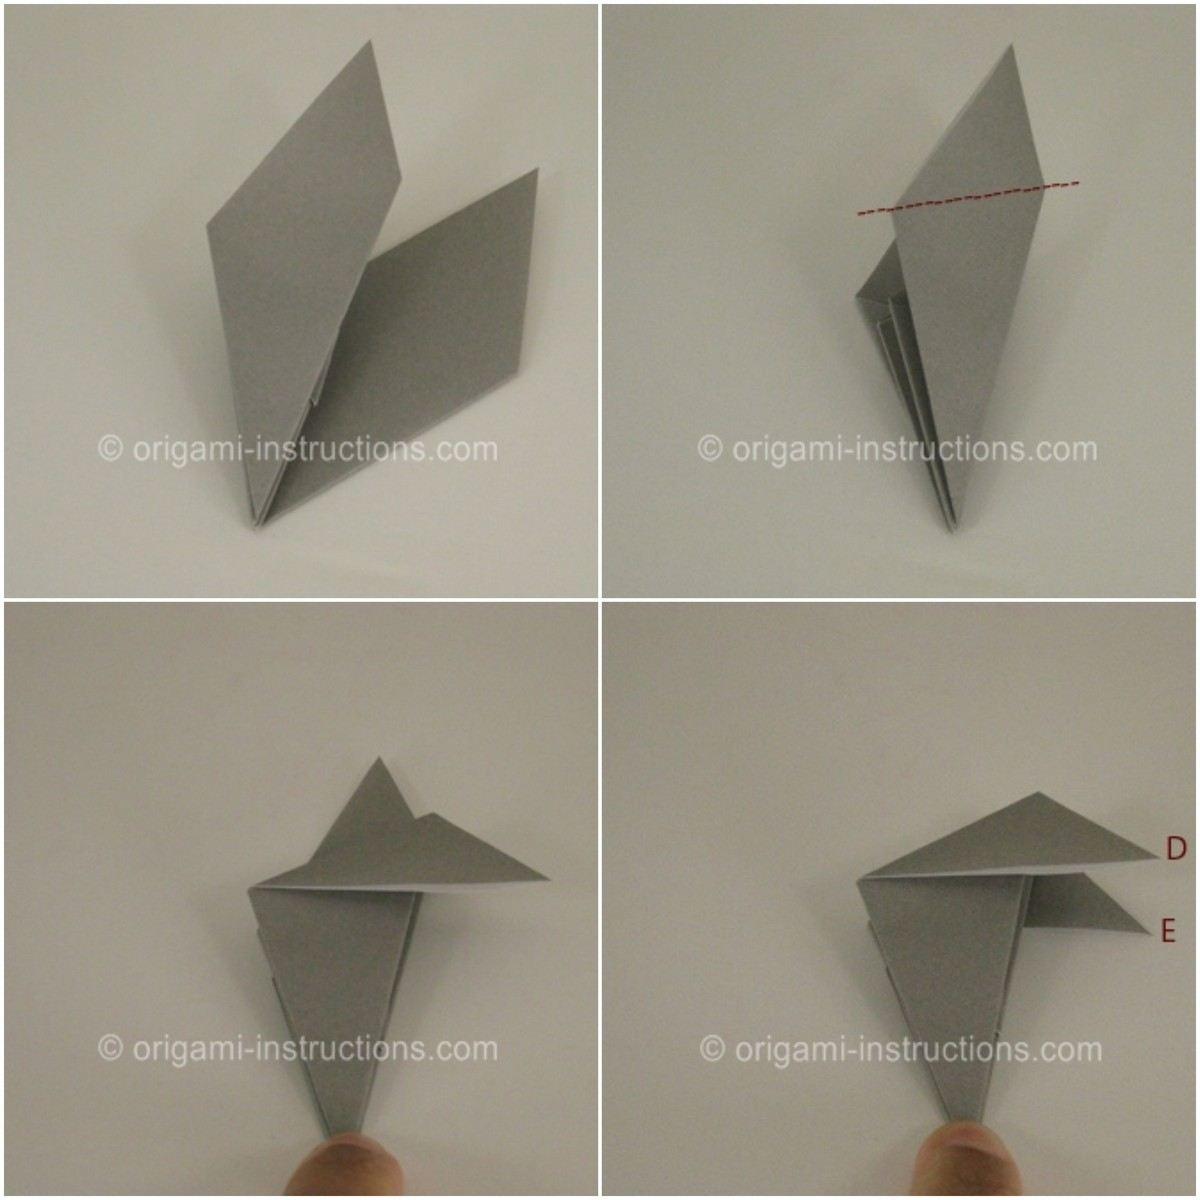 Origami Halloween Facile Étape Par Étape : Les Motifs Populaires à Origami Chauve Souris